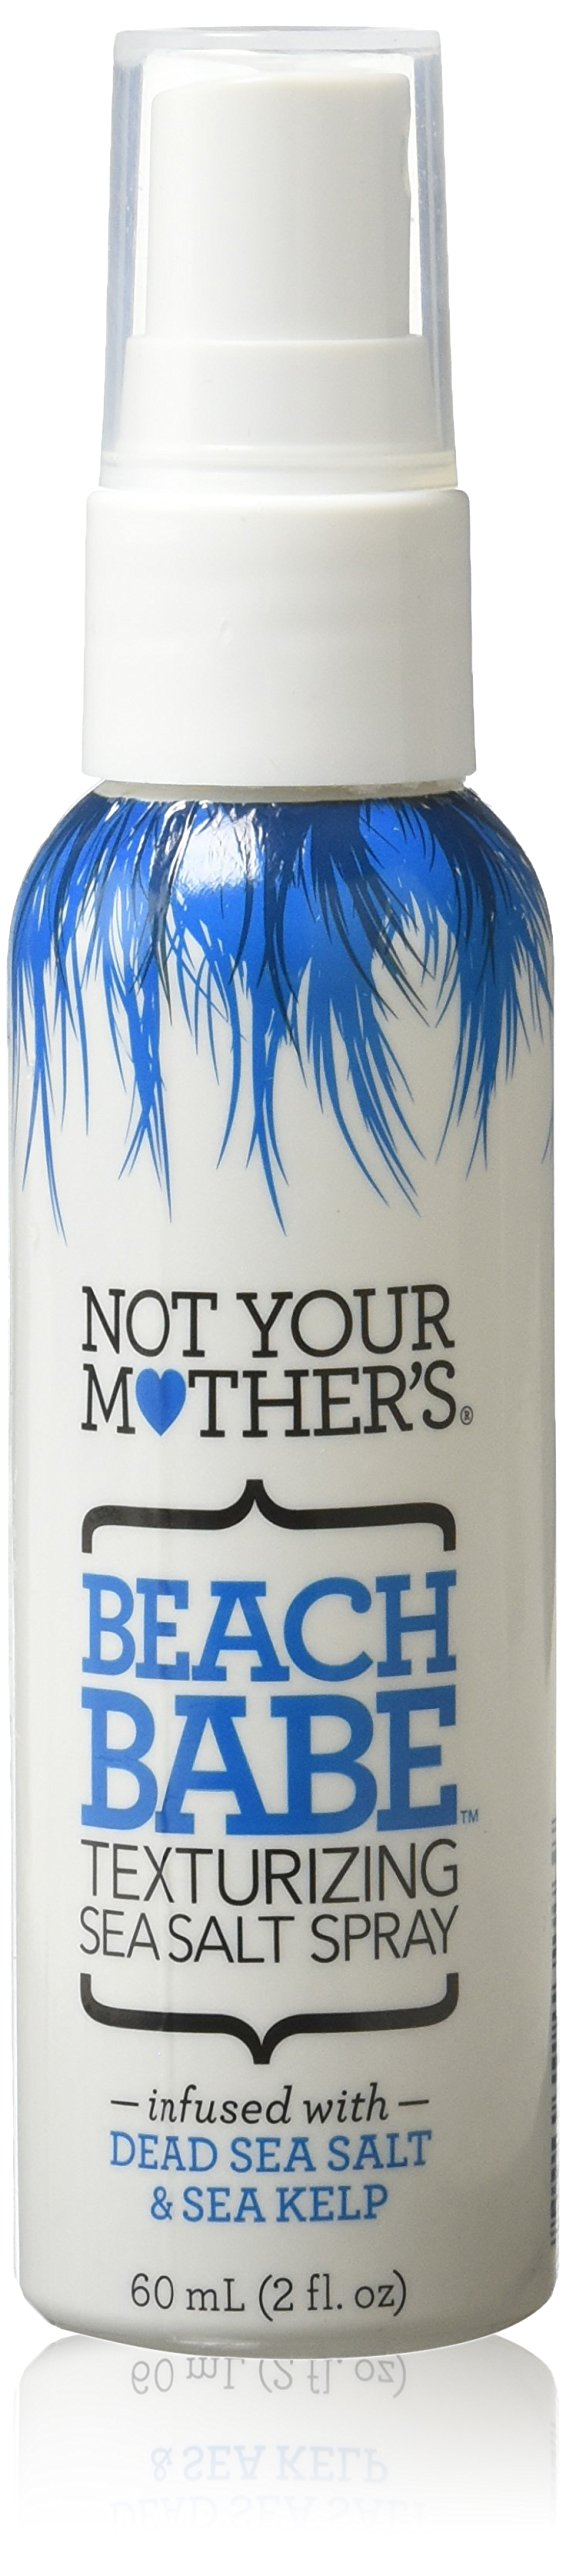 Not Your Mother's Beach Babe Texturizing Sea Salt Spray, 2 Ounce